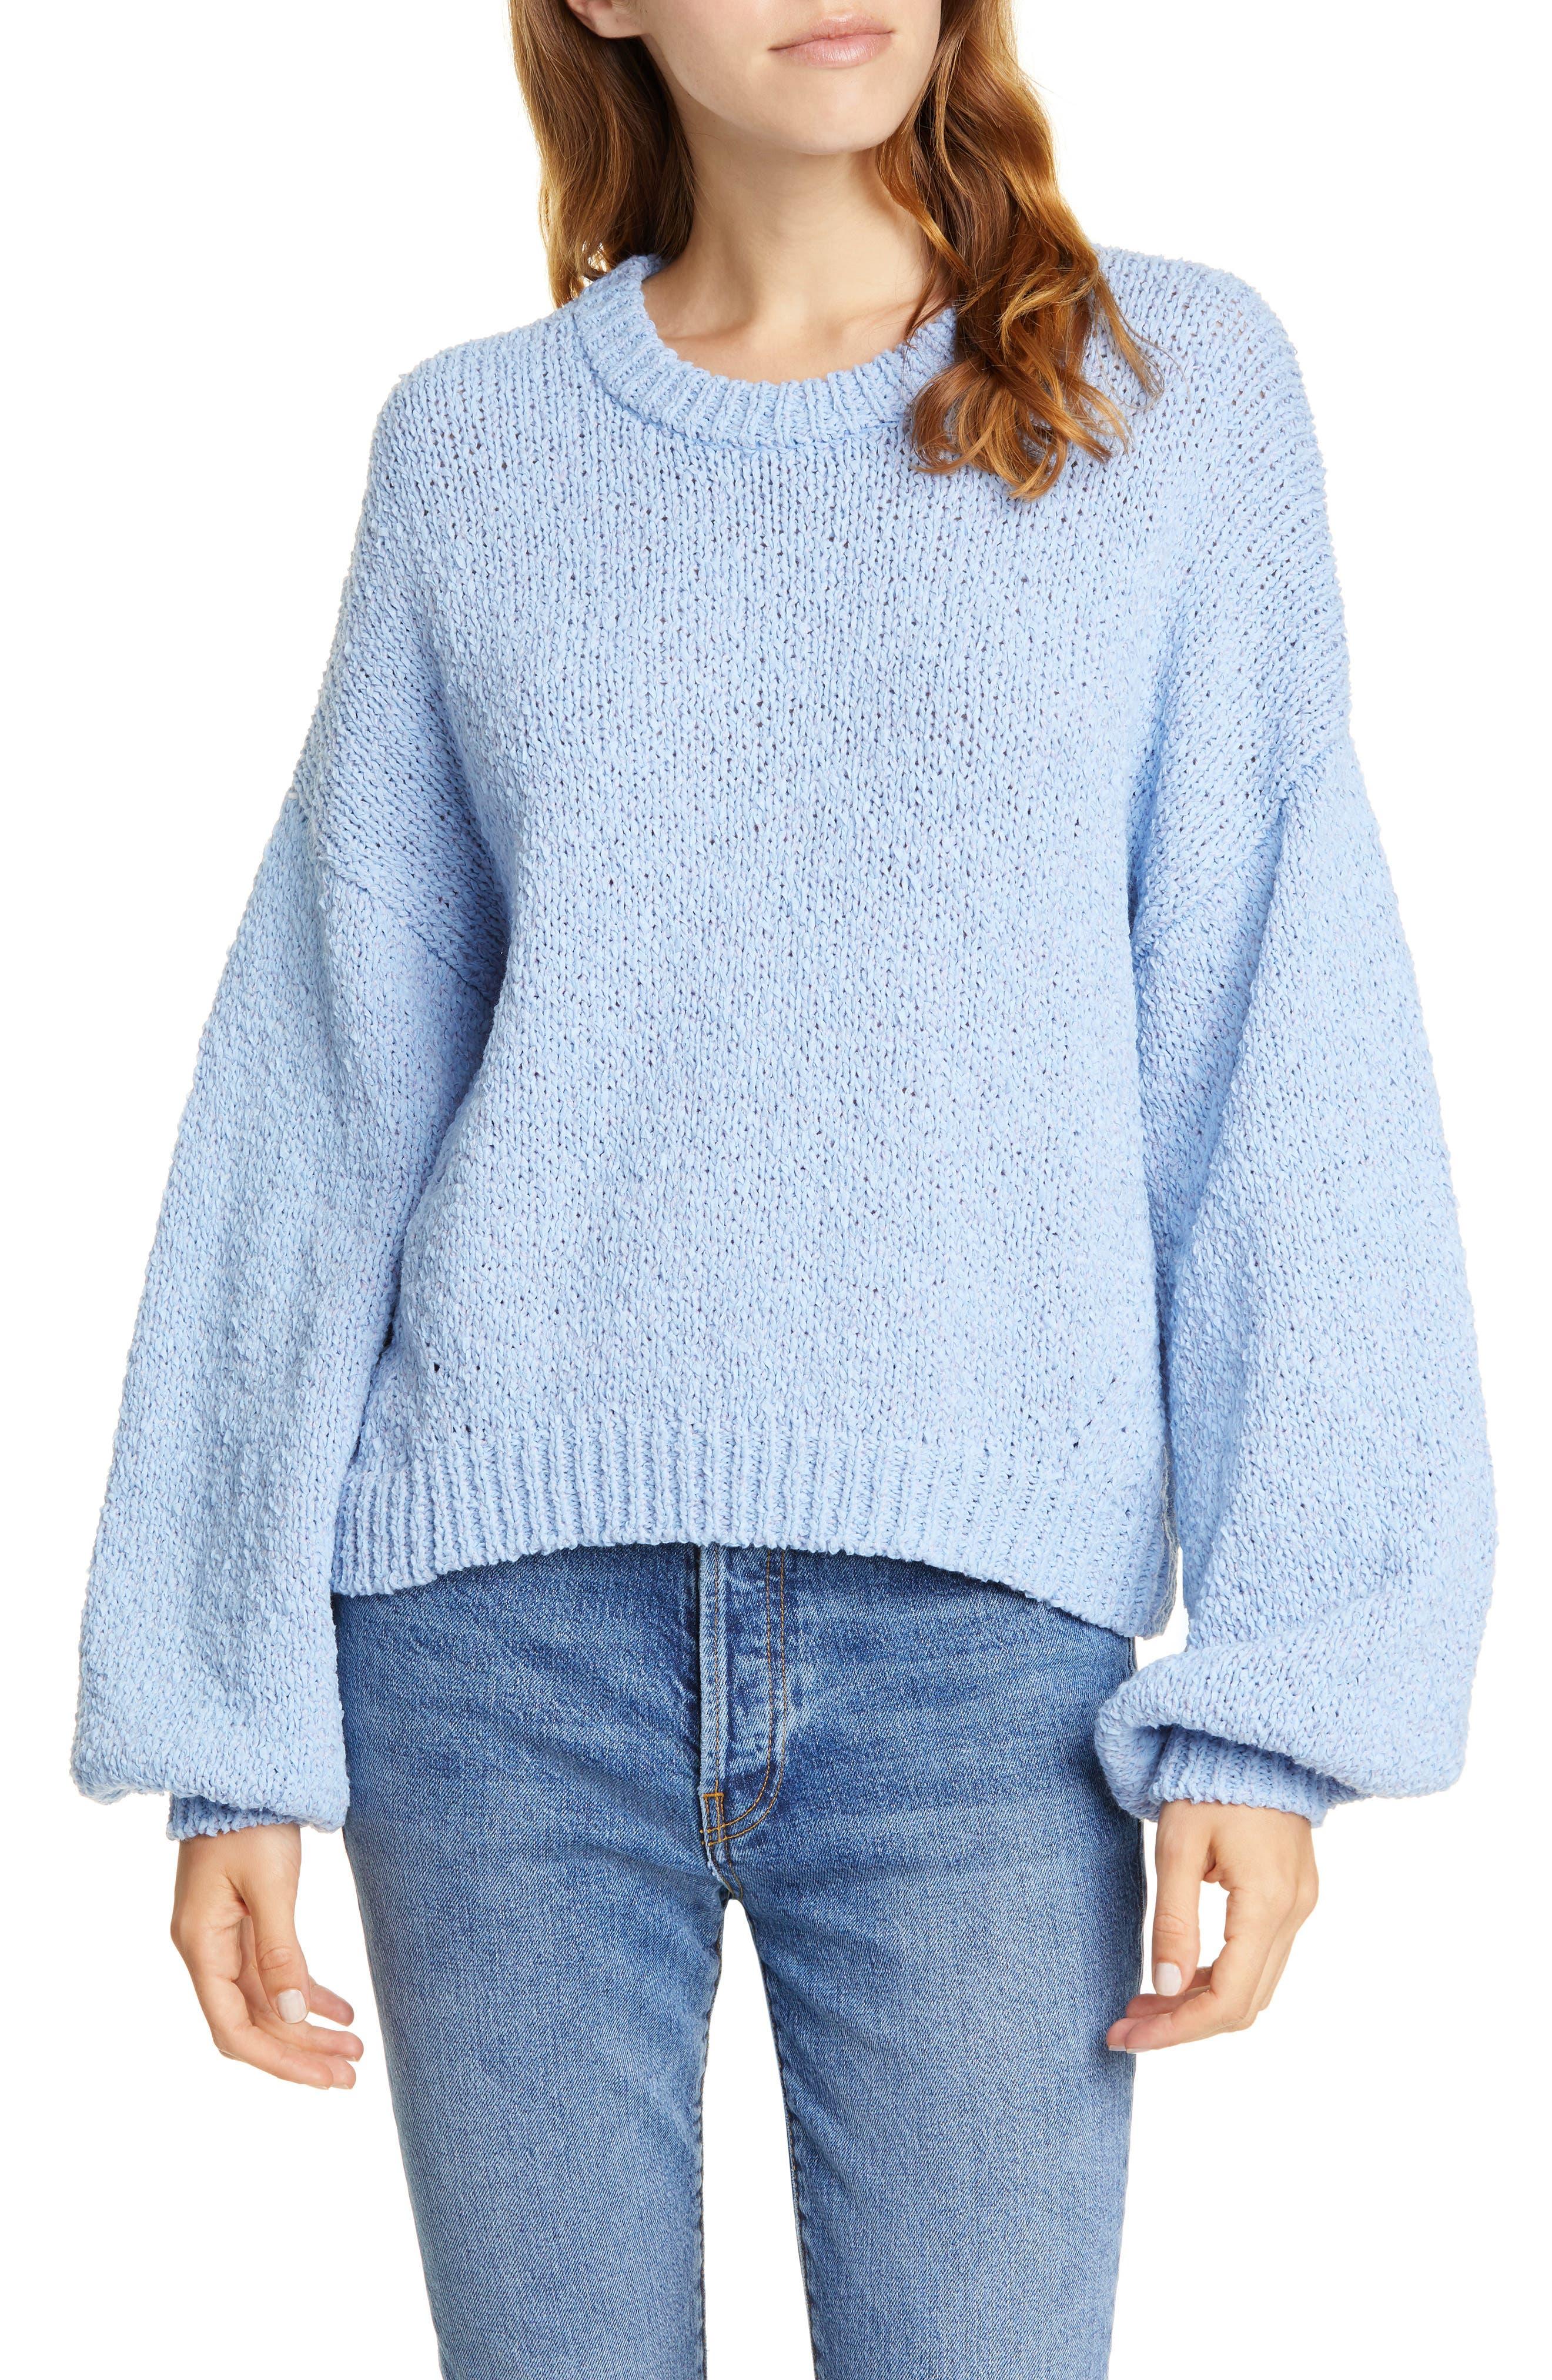 Joie Sweaters Ojo Wool Blend Sweater